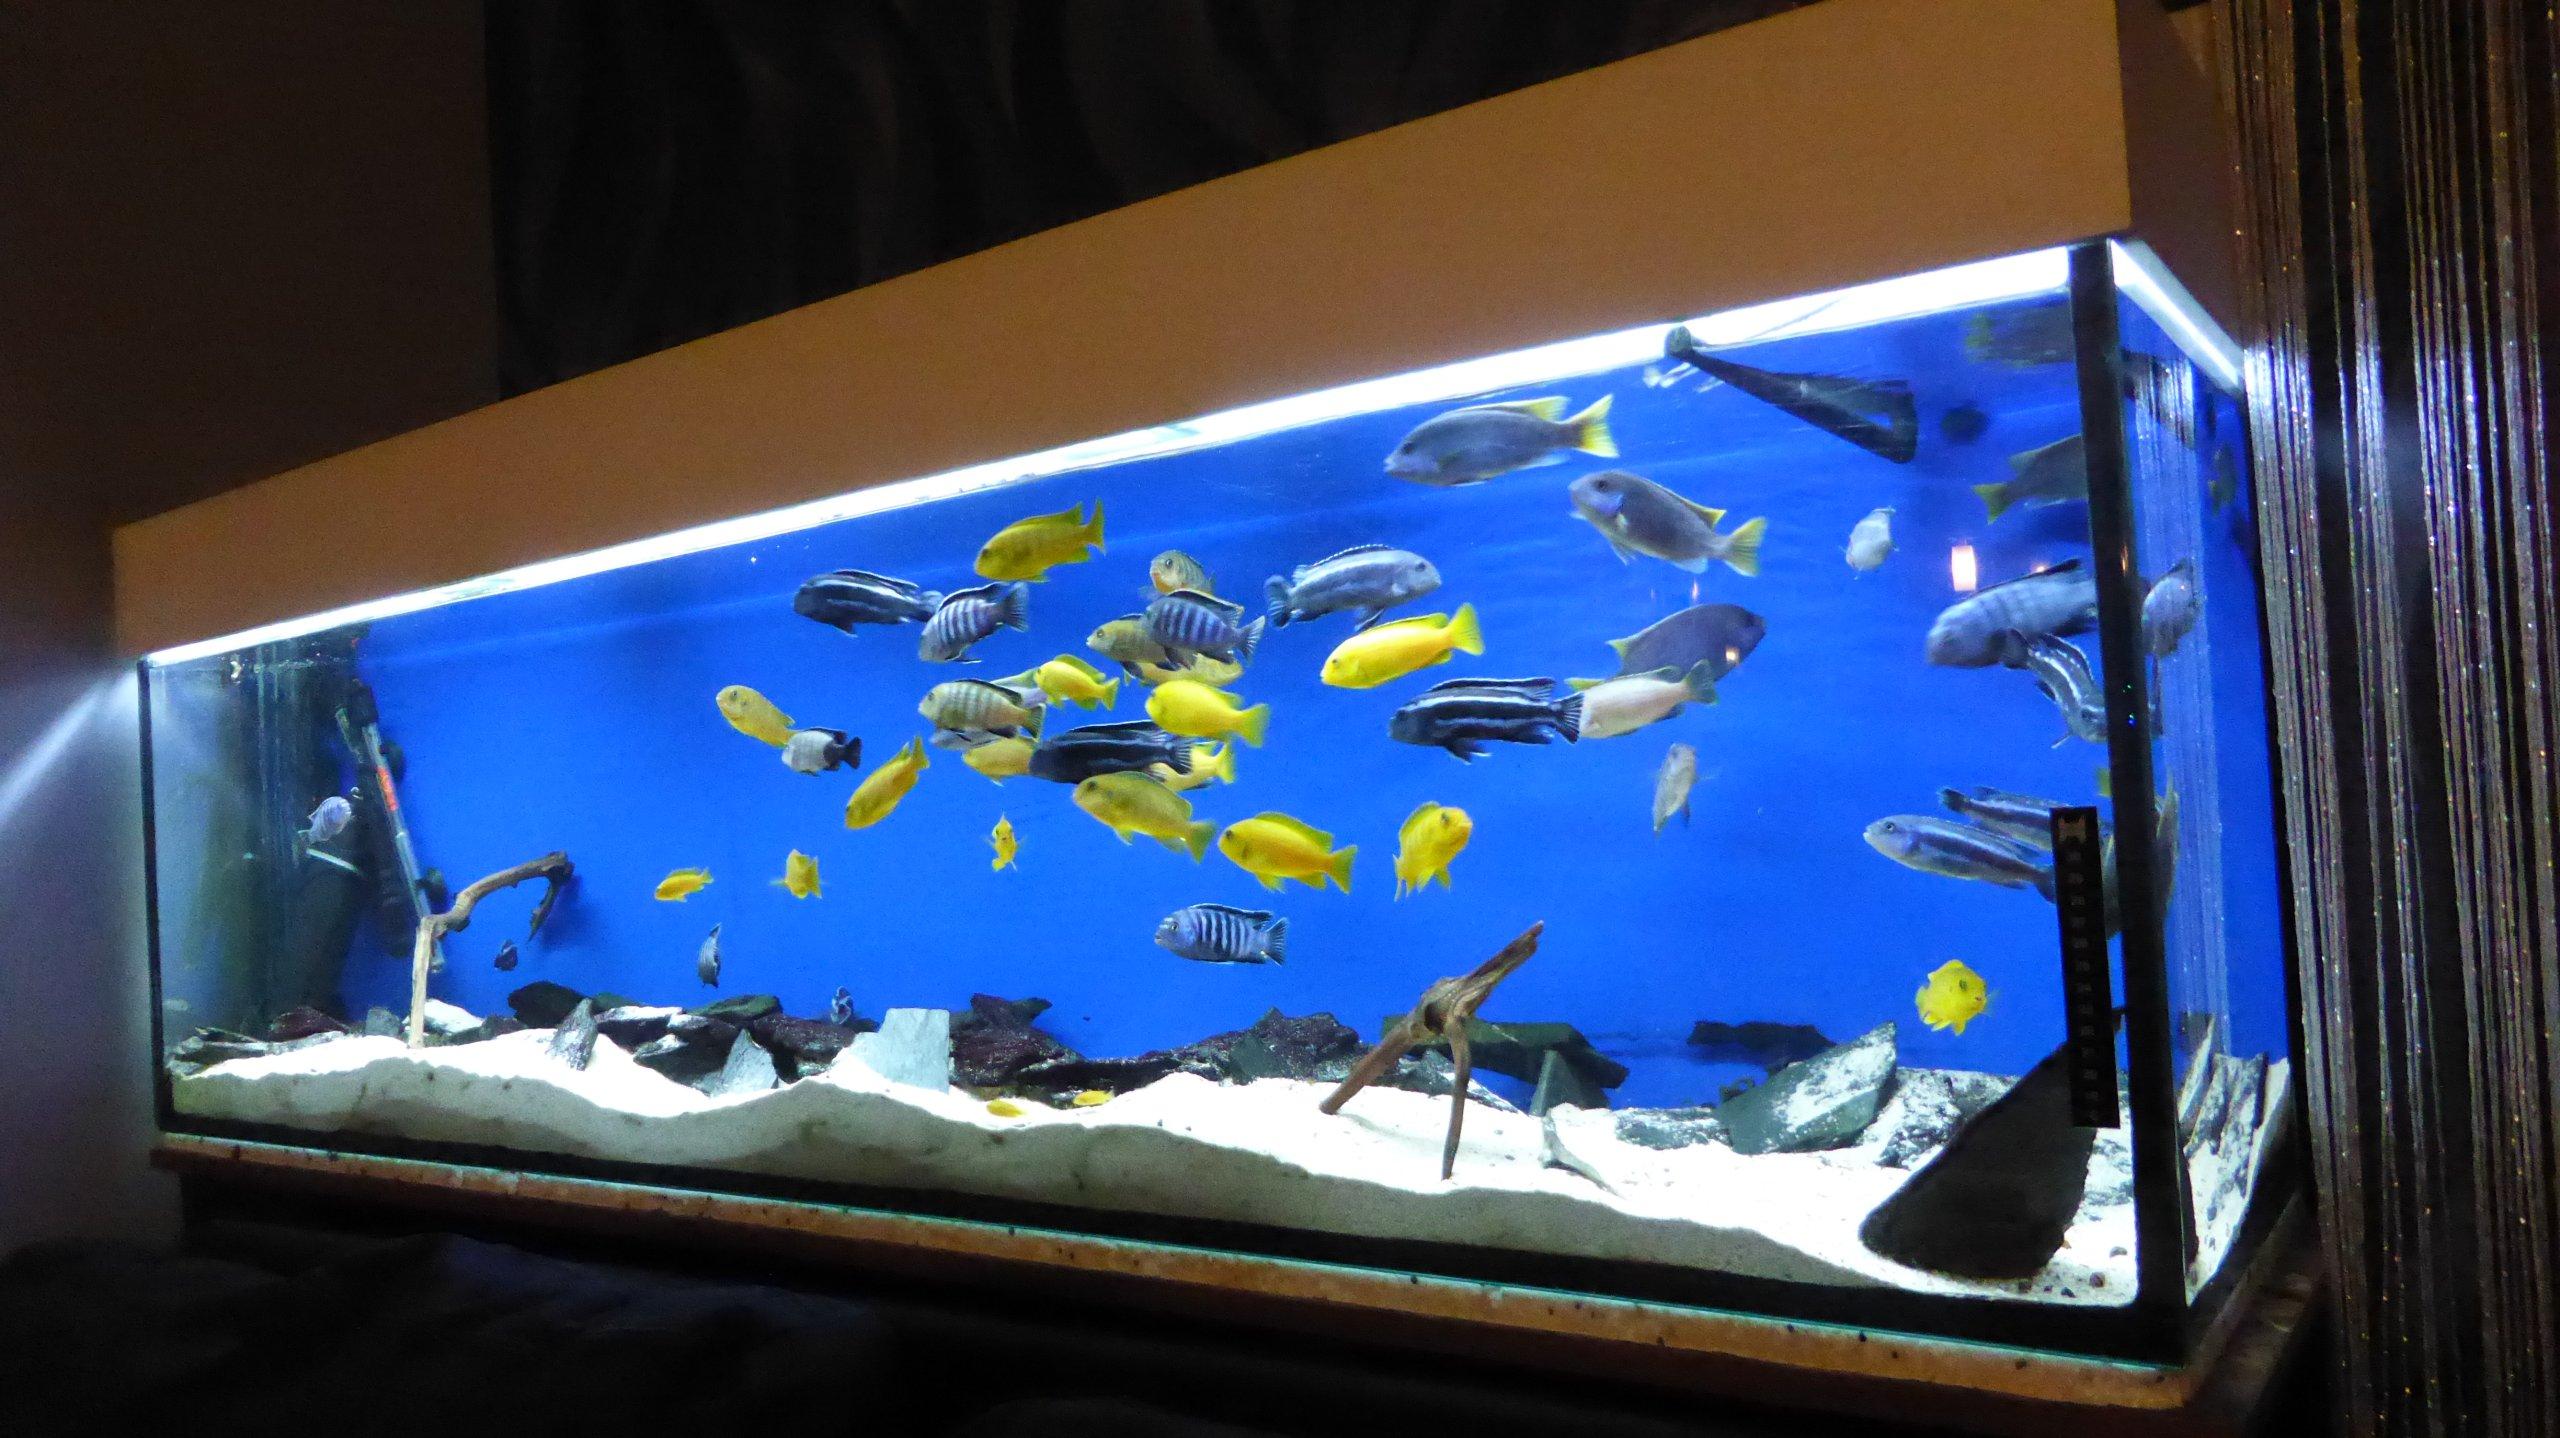 Akwarium 180x40x50 360l Malawi Pełen Zestaw 7145420172 Oficjalne